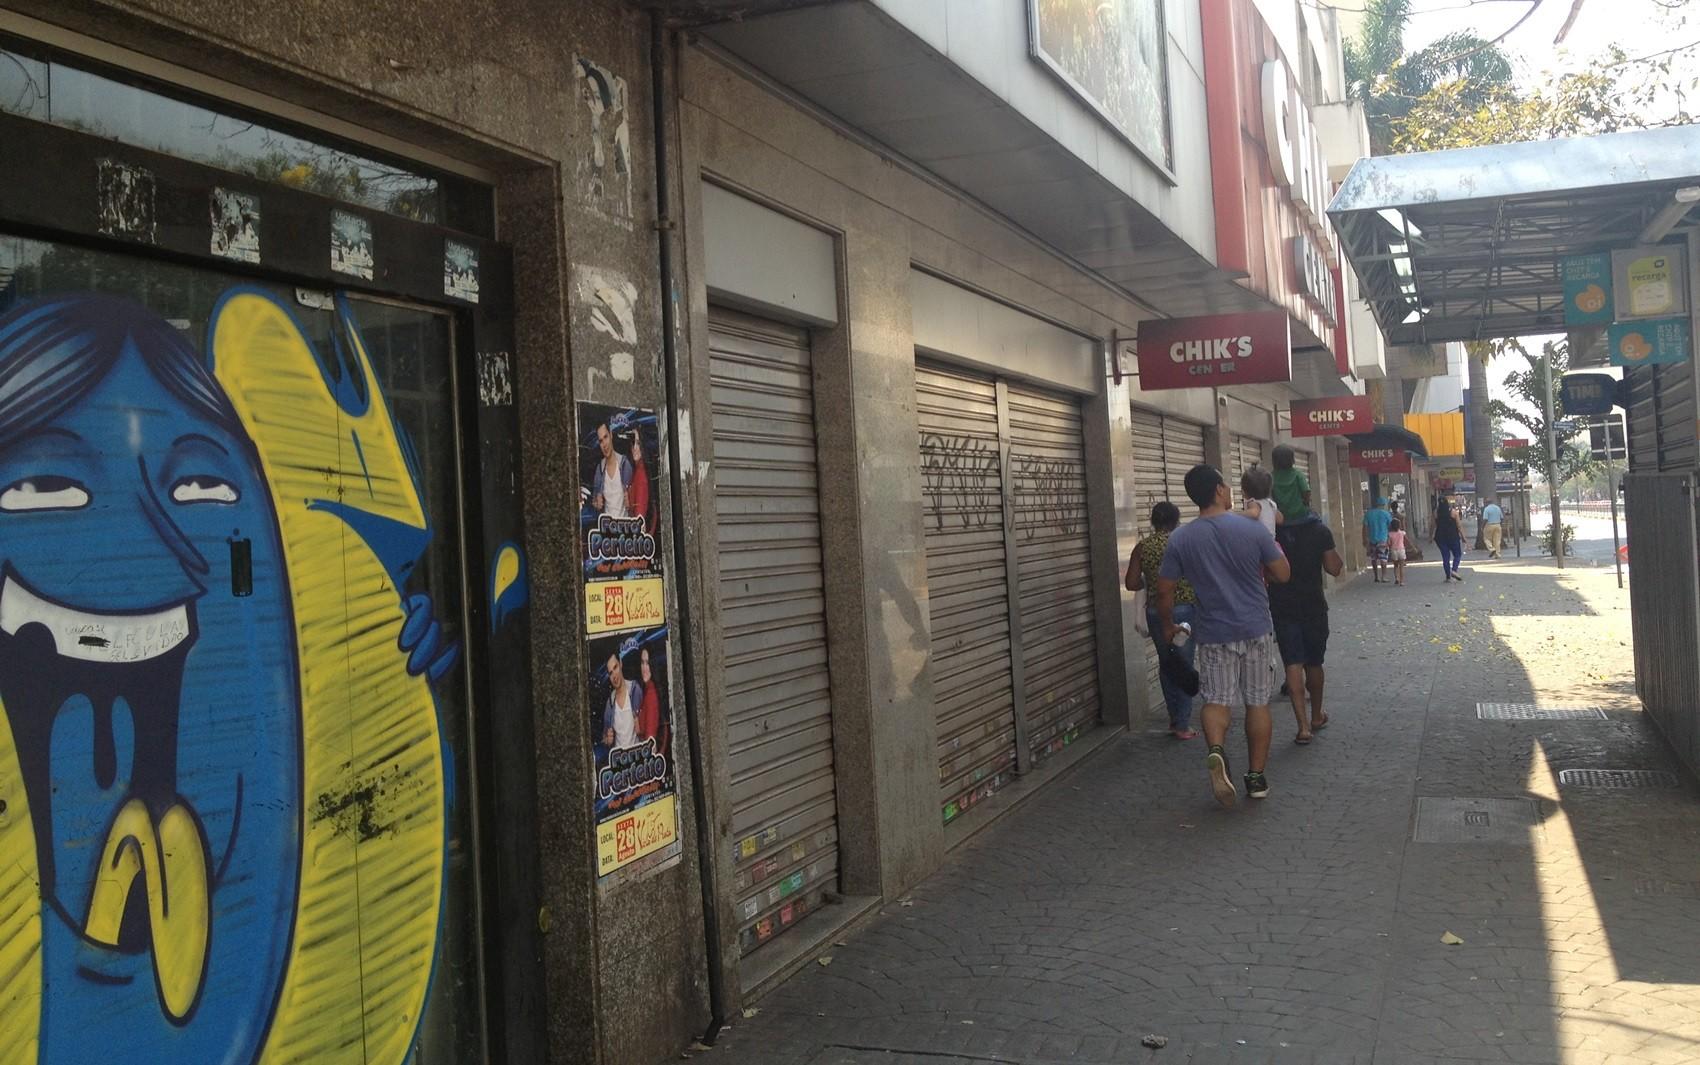 Empresários esperam não demitir funcionários durante pandemia de coronavírus em Goiânia, diz pesquisa